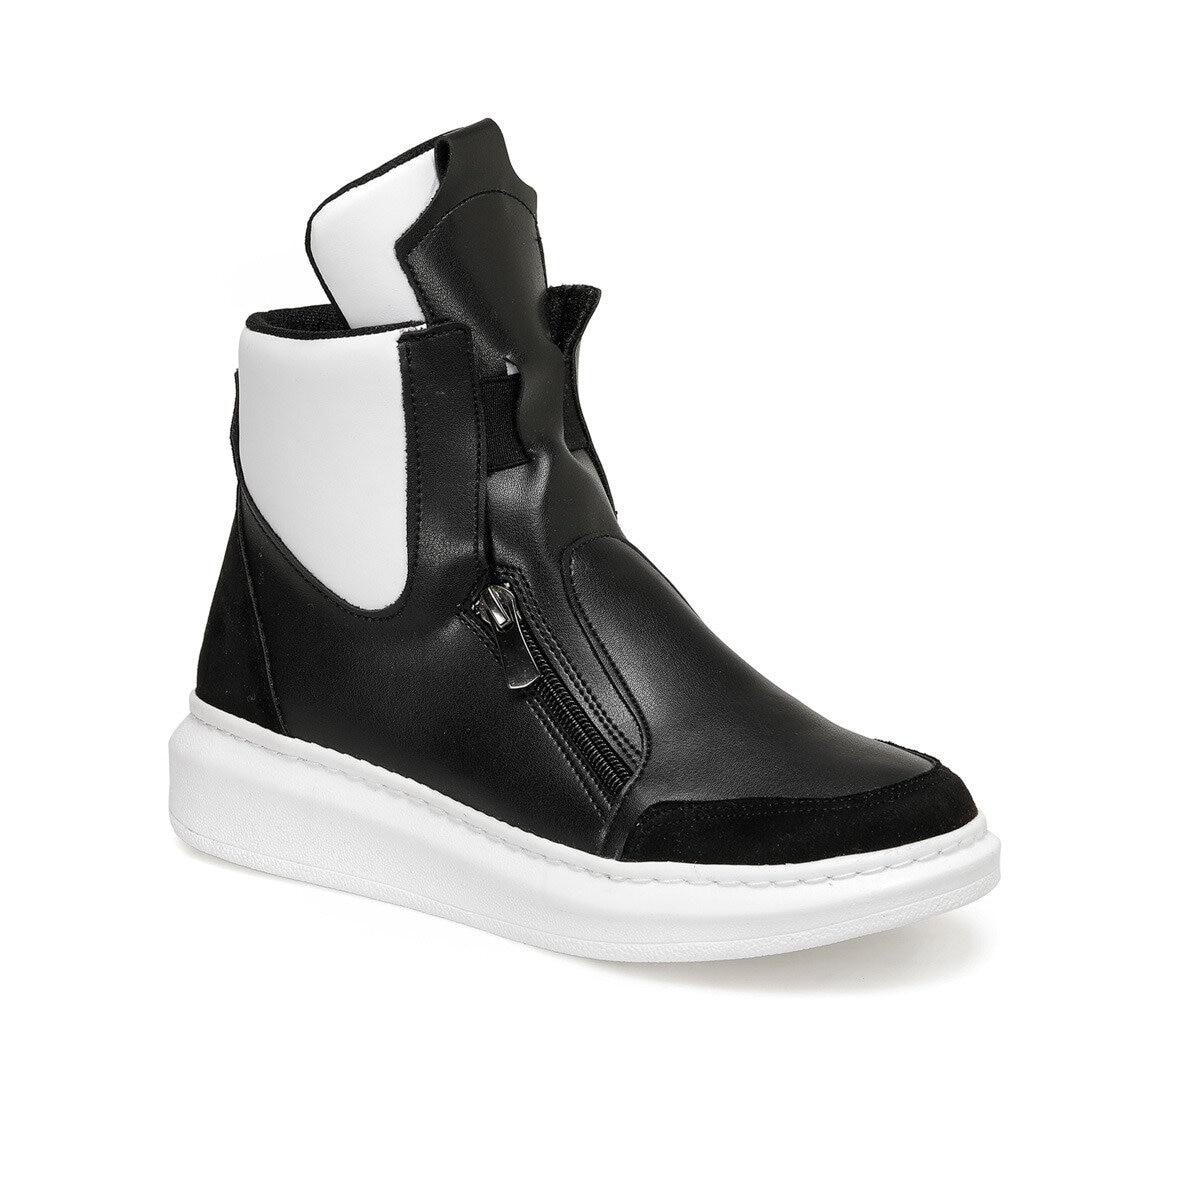 FLO 19SF-2070 Black Women Boots BUTIGO